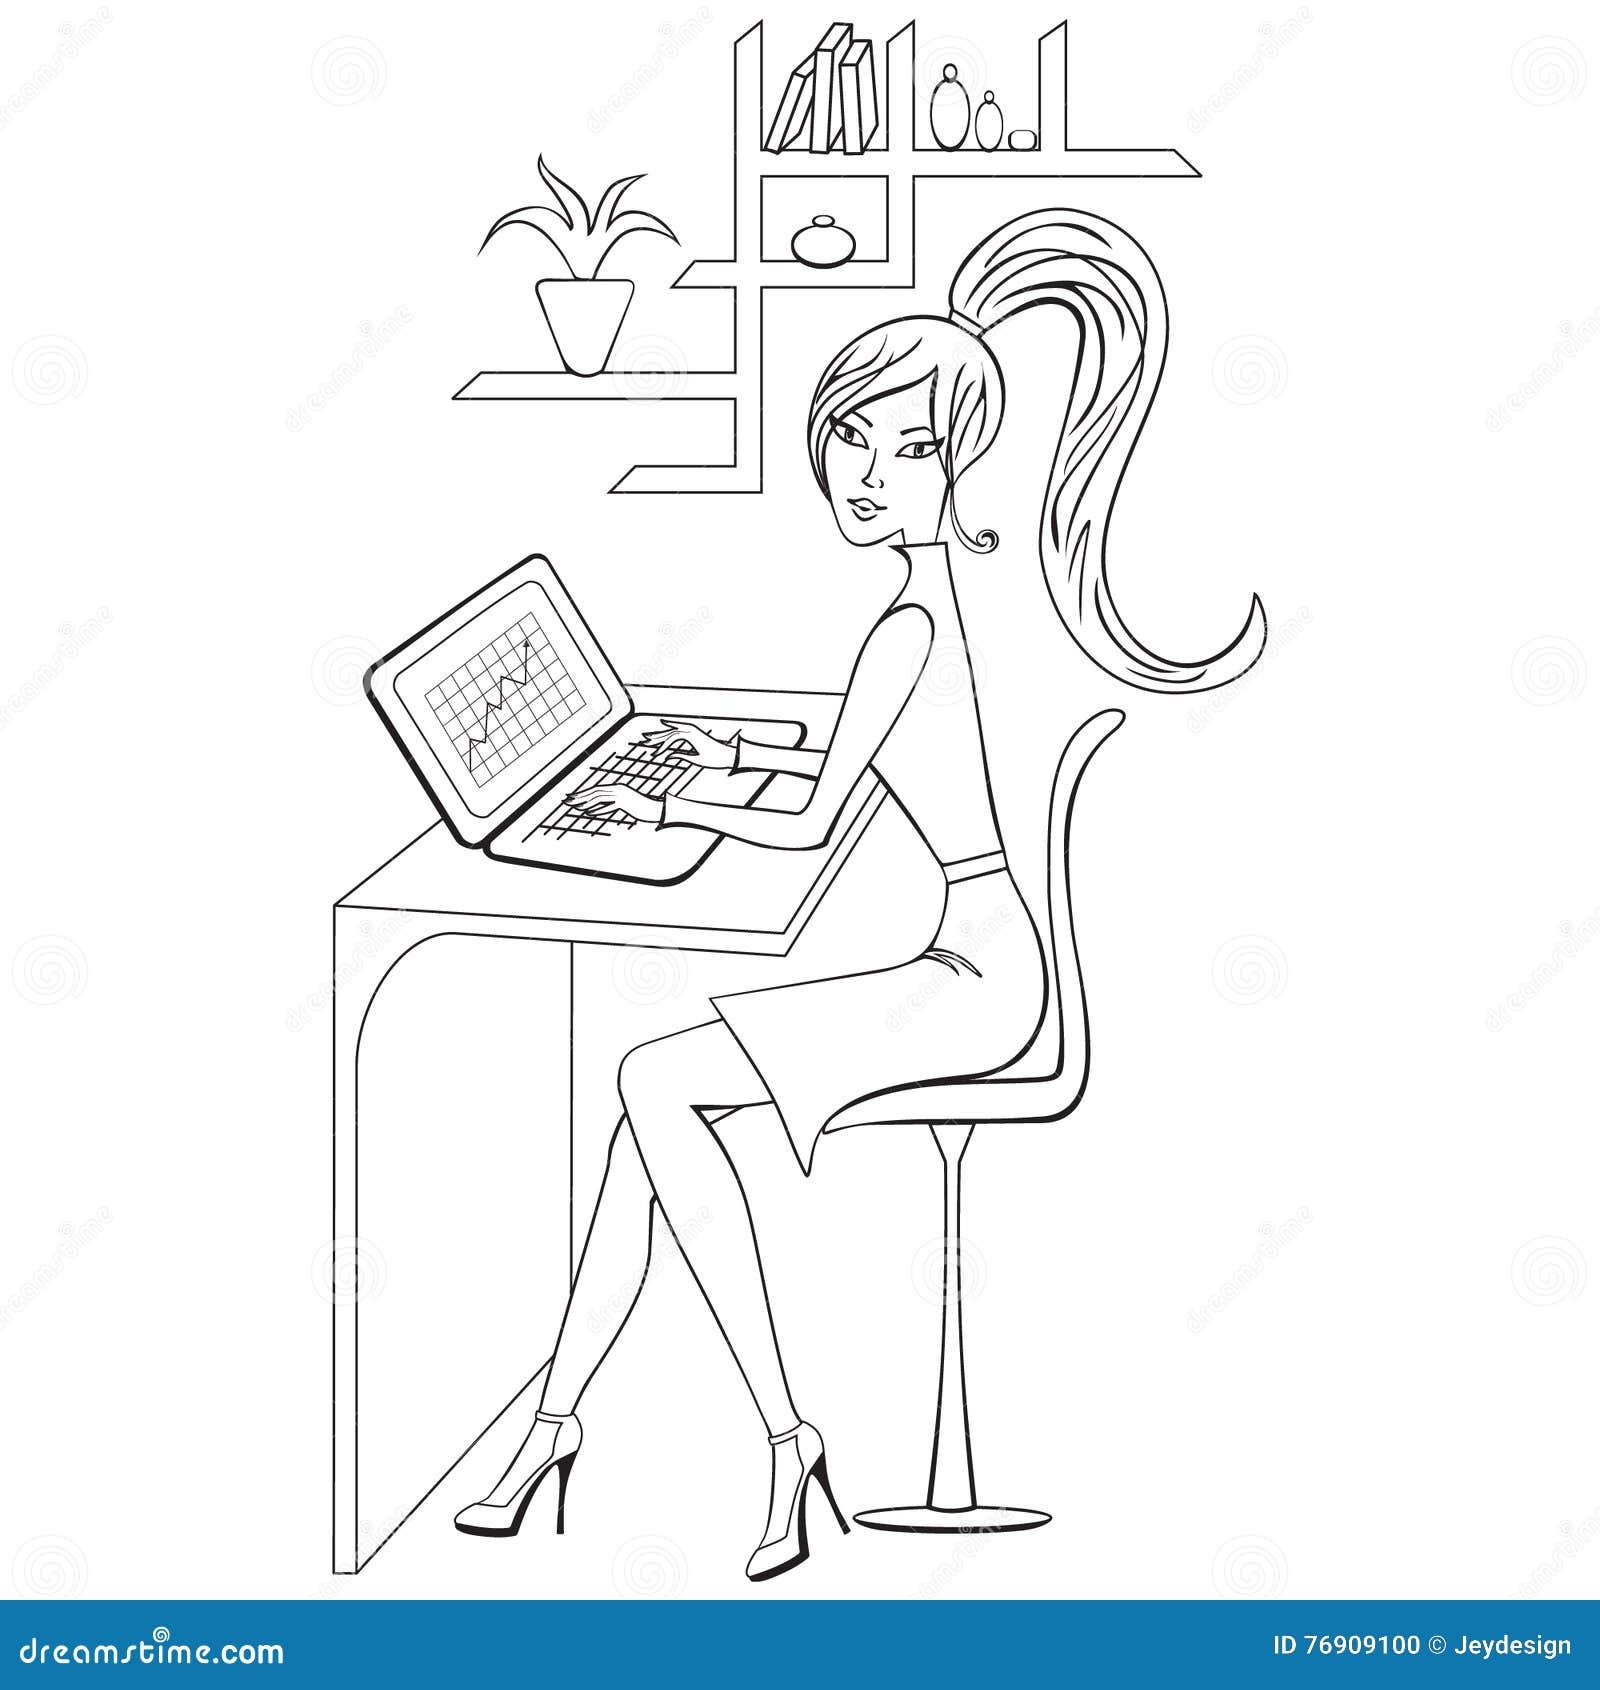 Livre De Coloriage Avec La Fille Travaillant Sur Son Ordinateur Portable Decoupe Illustration De Vecteur Illustration Du Coloriage Livre 76909100